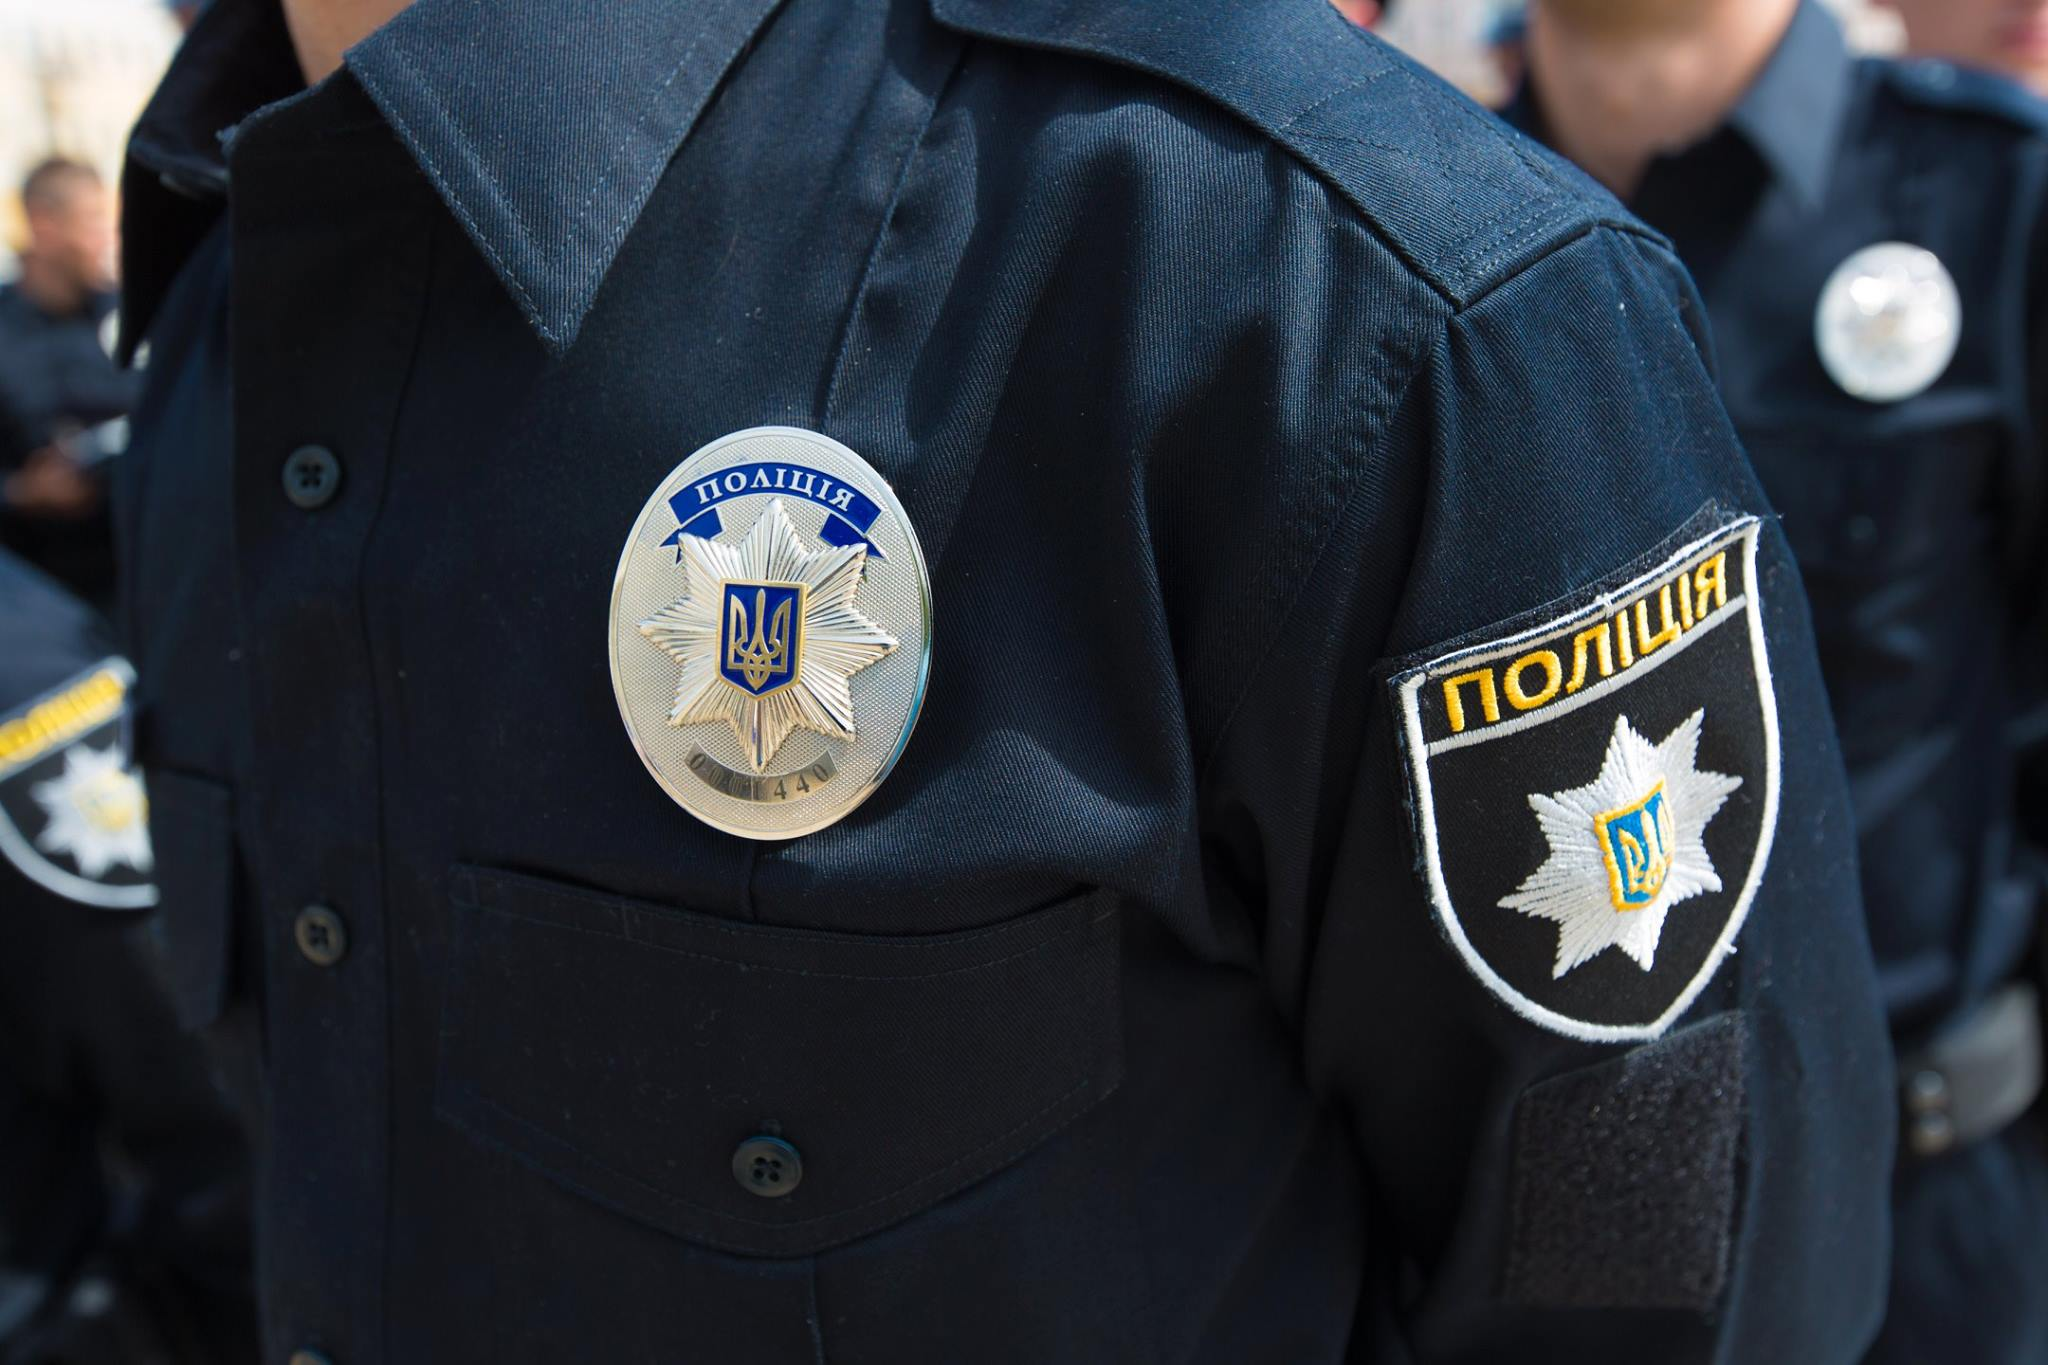 Страшная находка на улицах Львова: жители города нашли обгоревшее тело мужчины